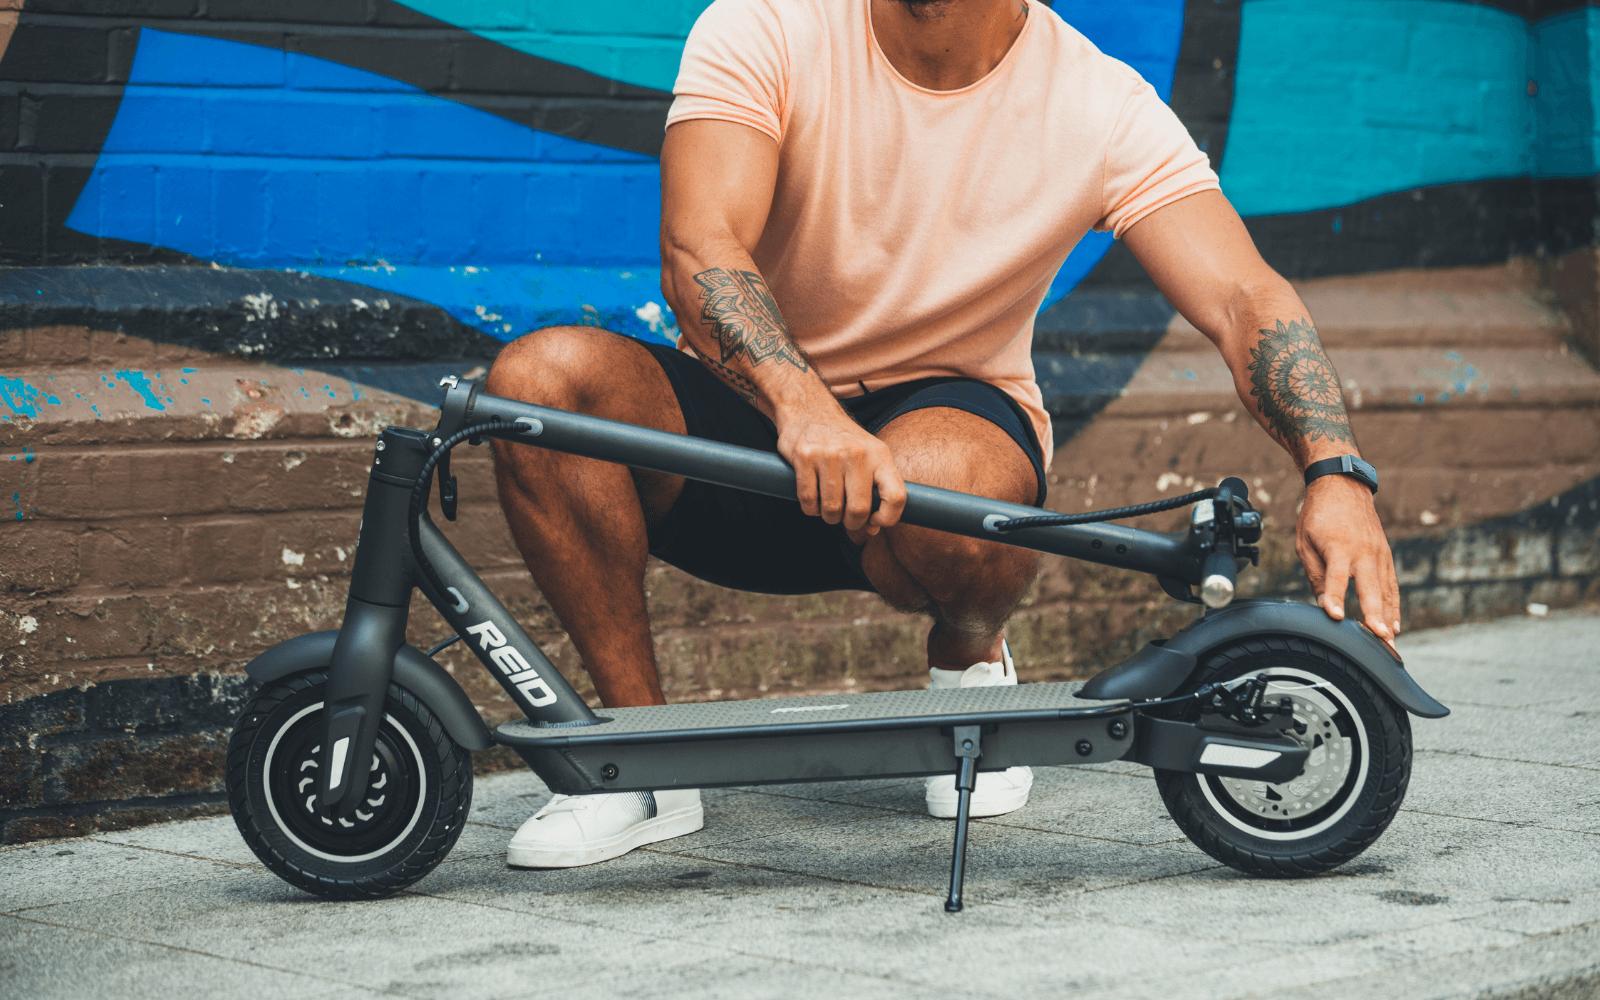 31 1 1 - Reid ® - E4 Plus eScooter